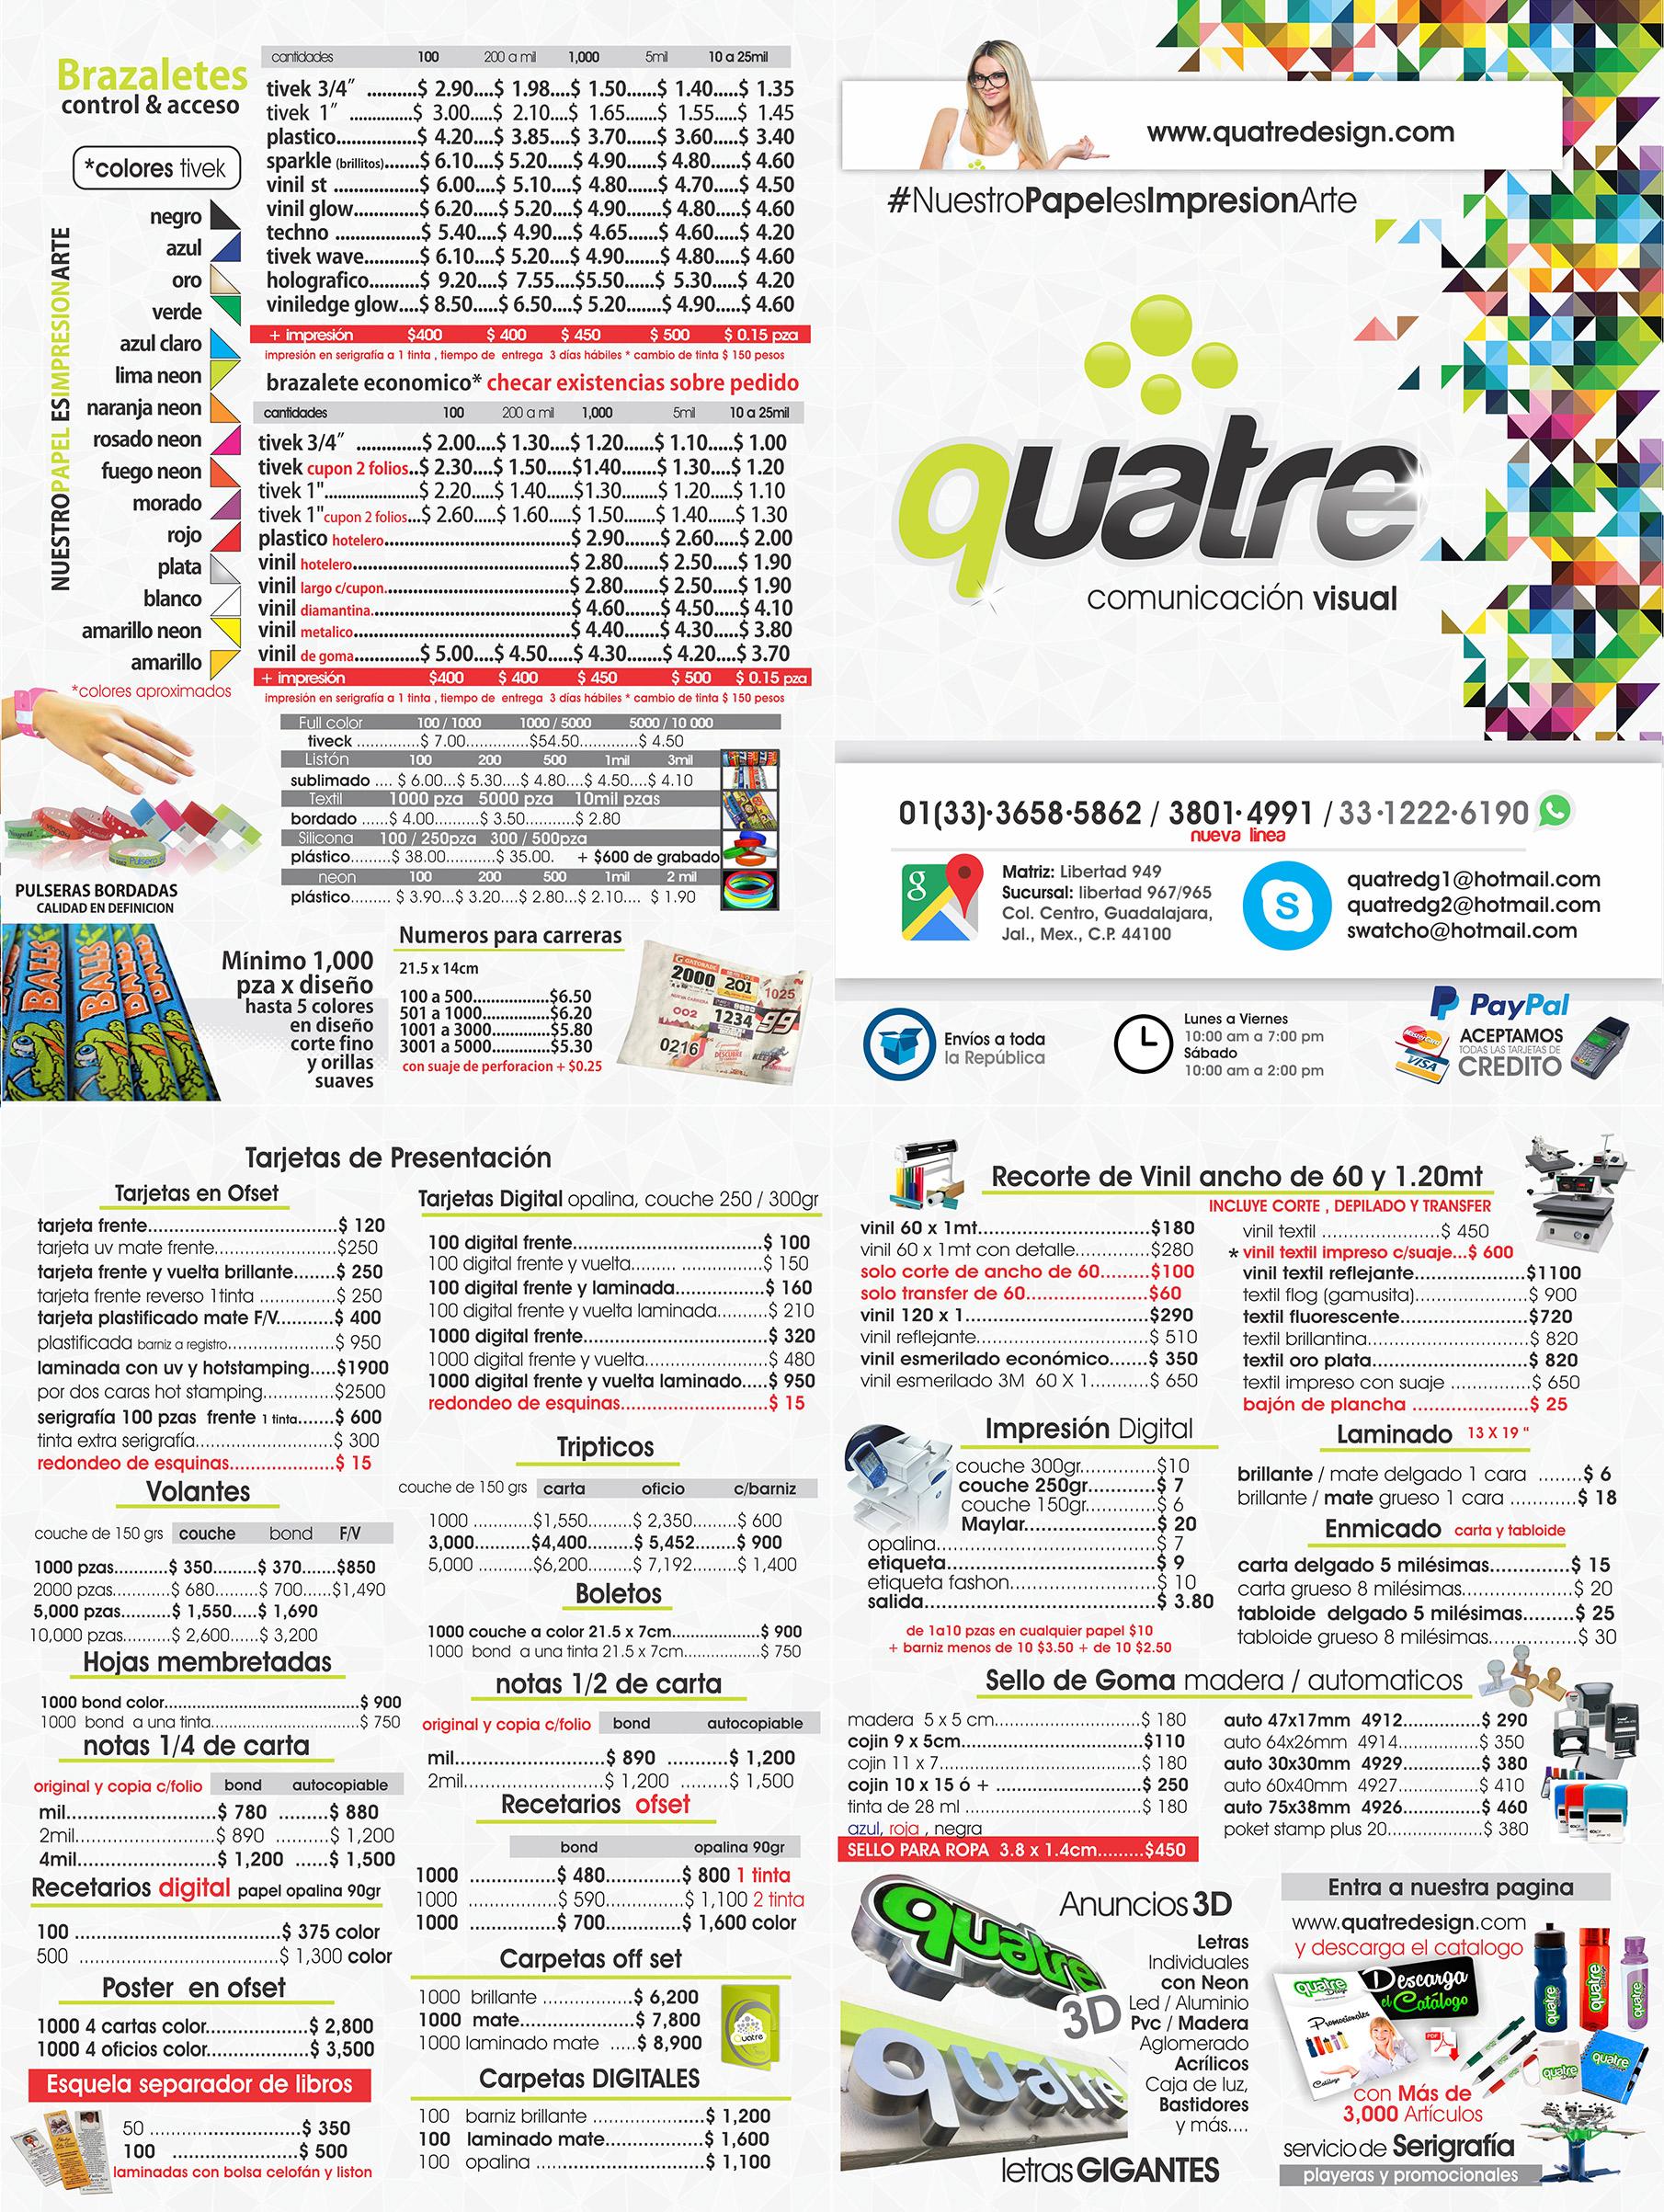 lista de precios - Quatre Design